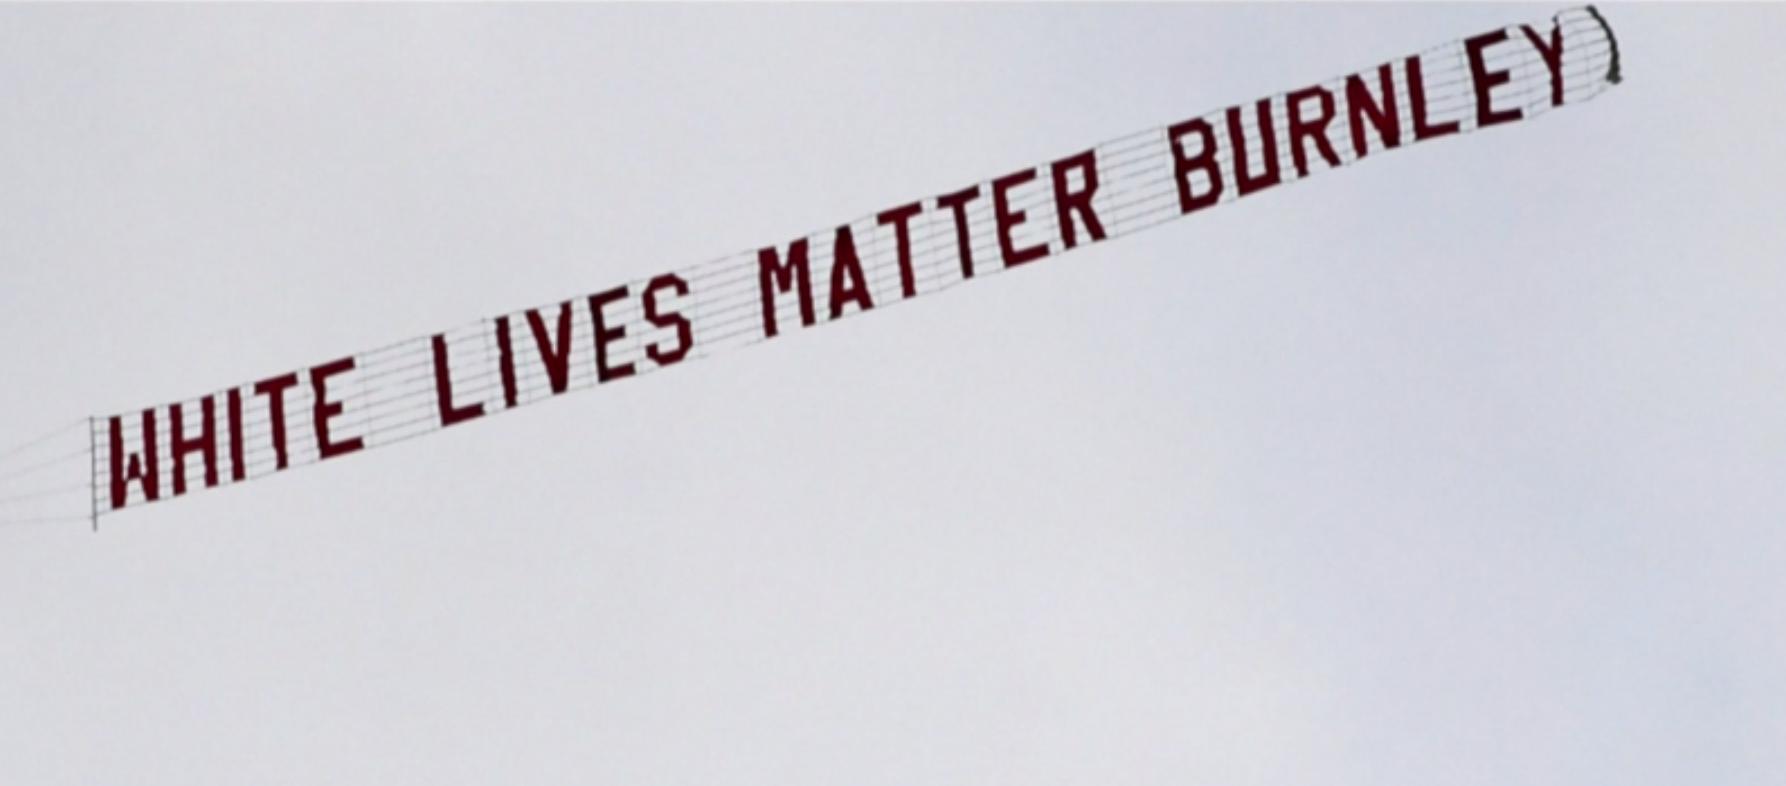 White Lives Matter banner (Credit: ITV)